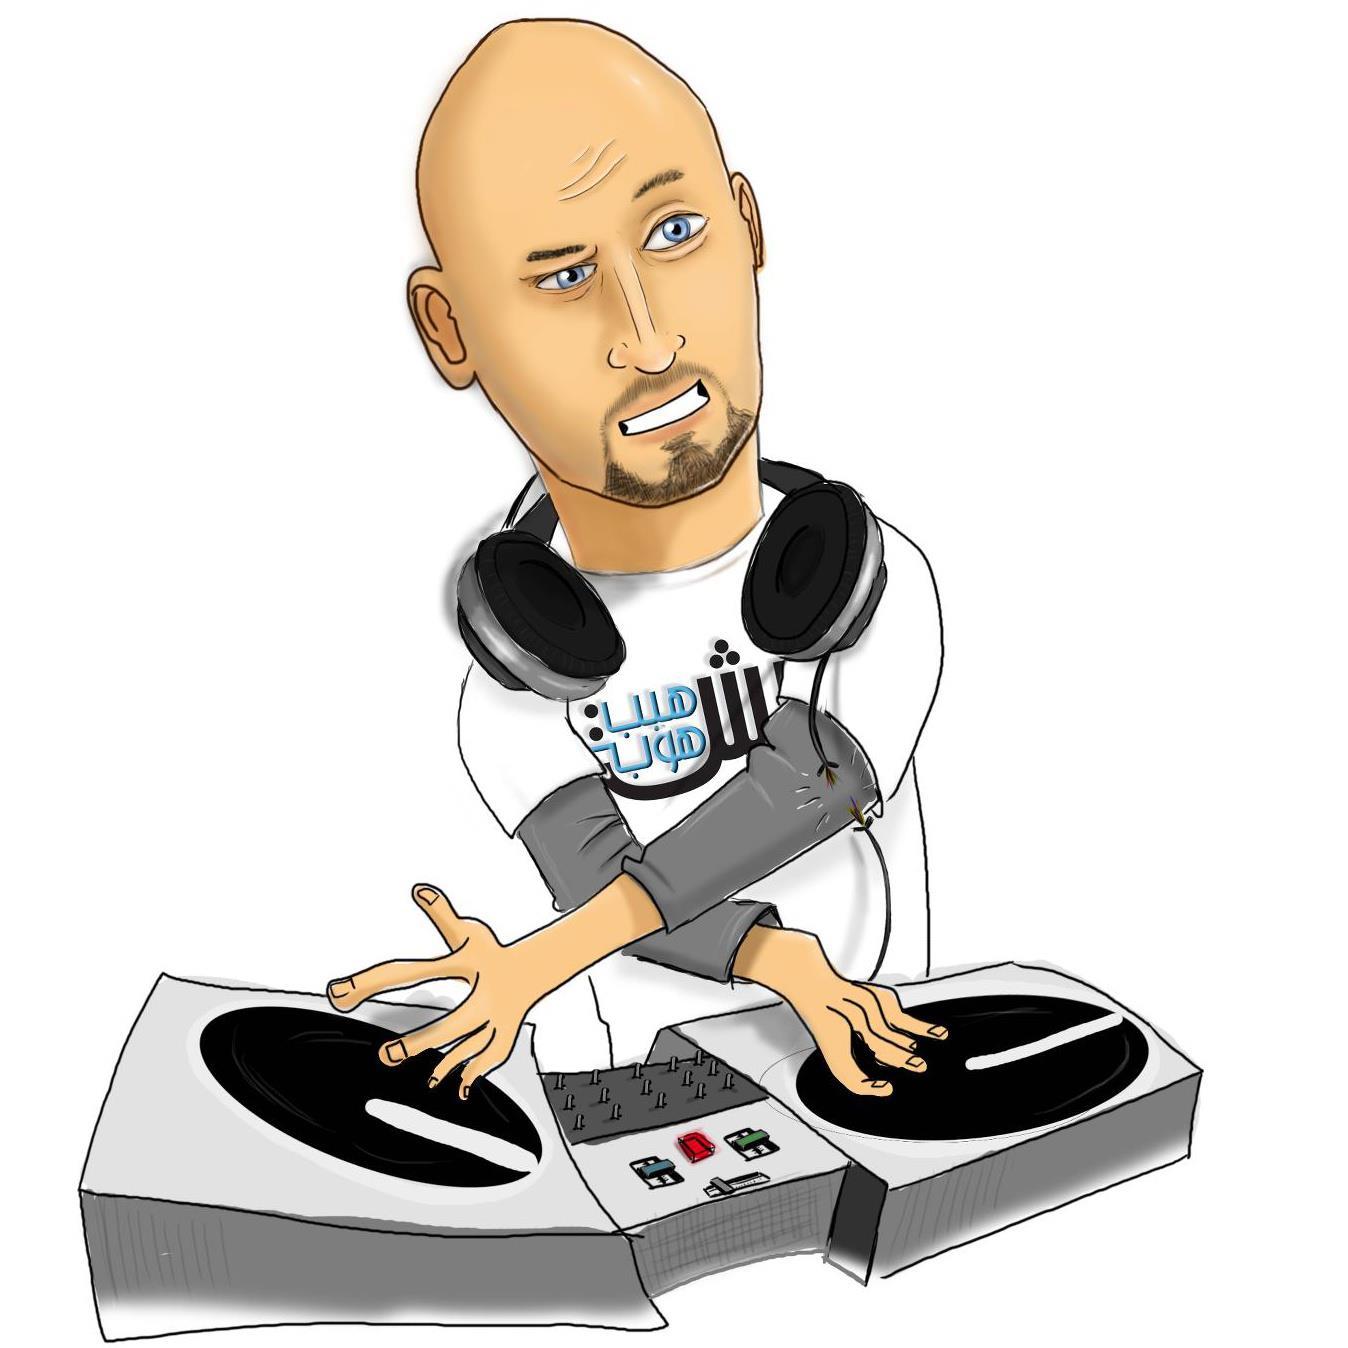 Free Dj Cartoon, Download Free Clip Art, Free Clip Art on.